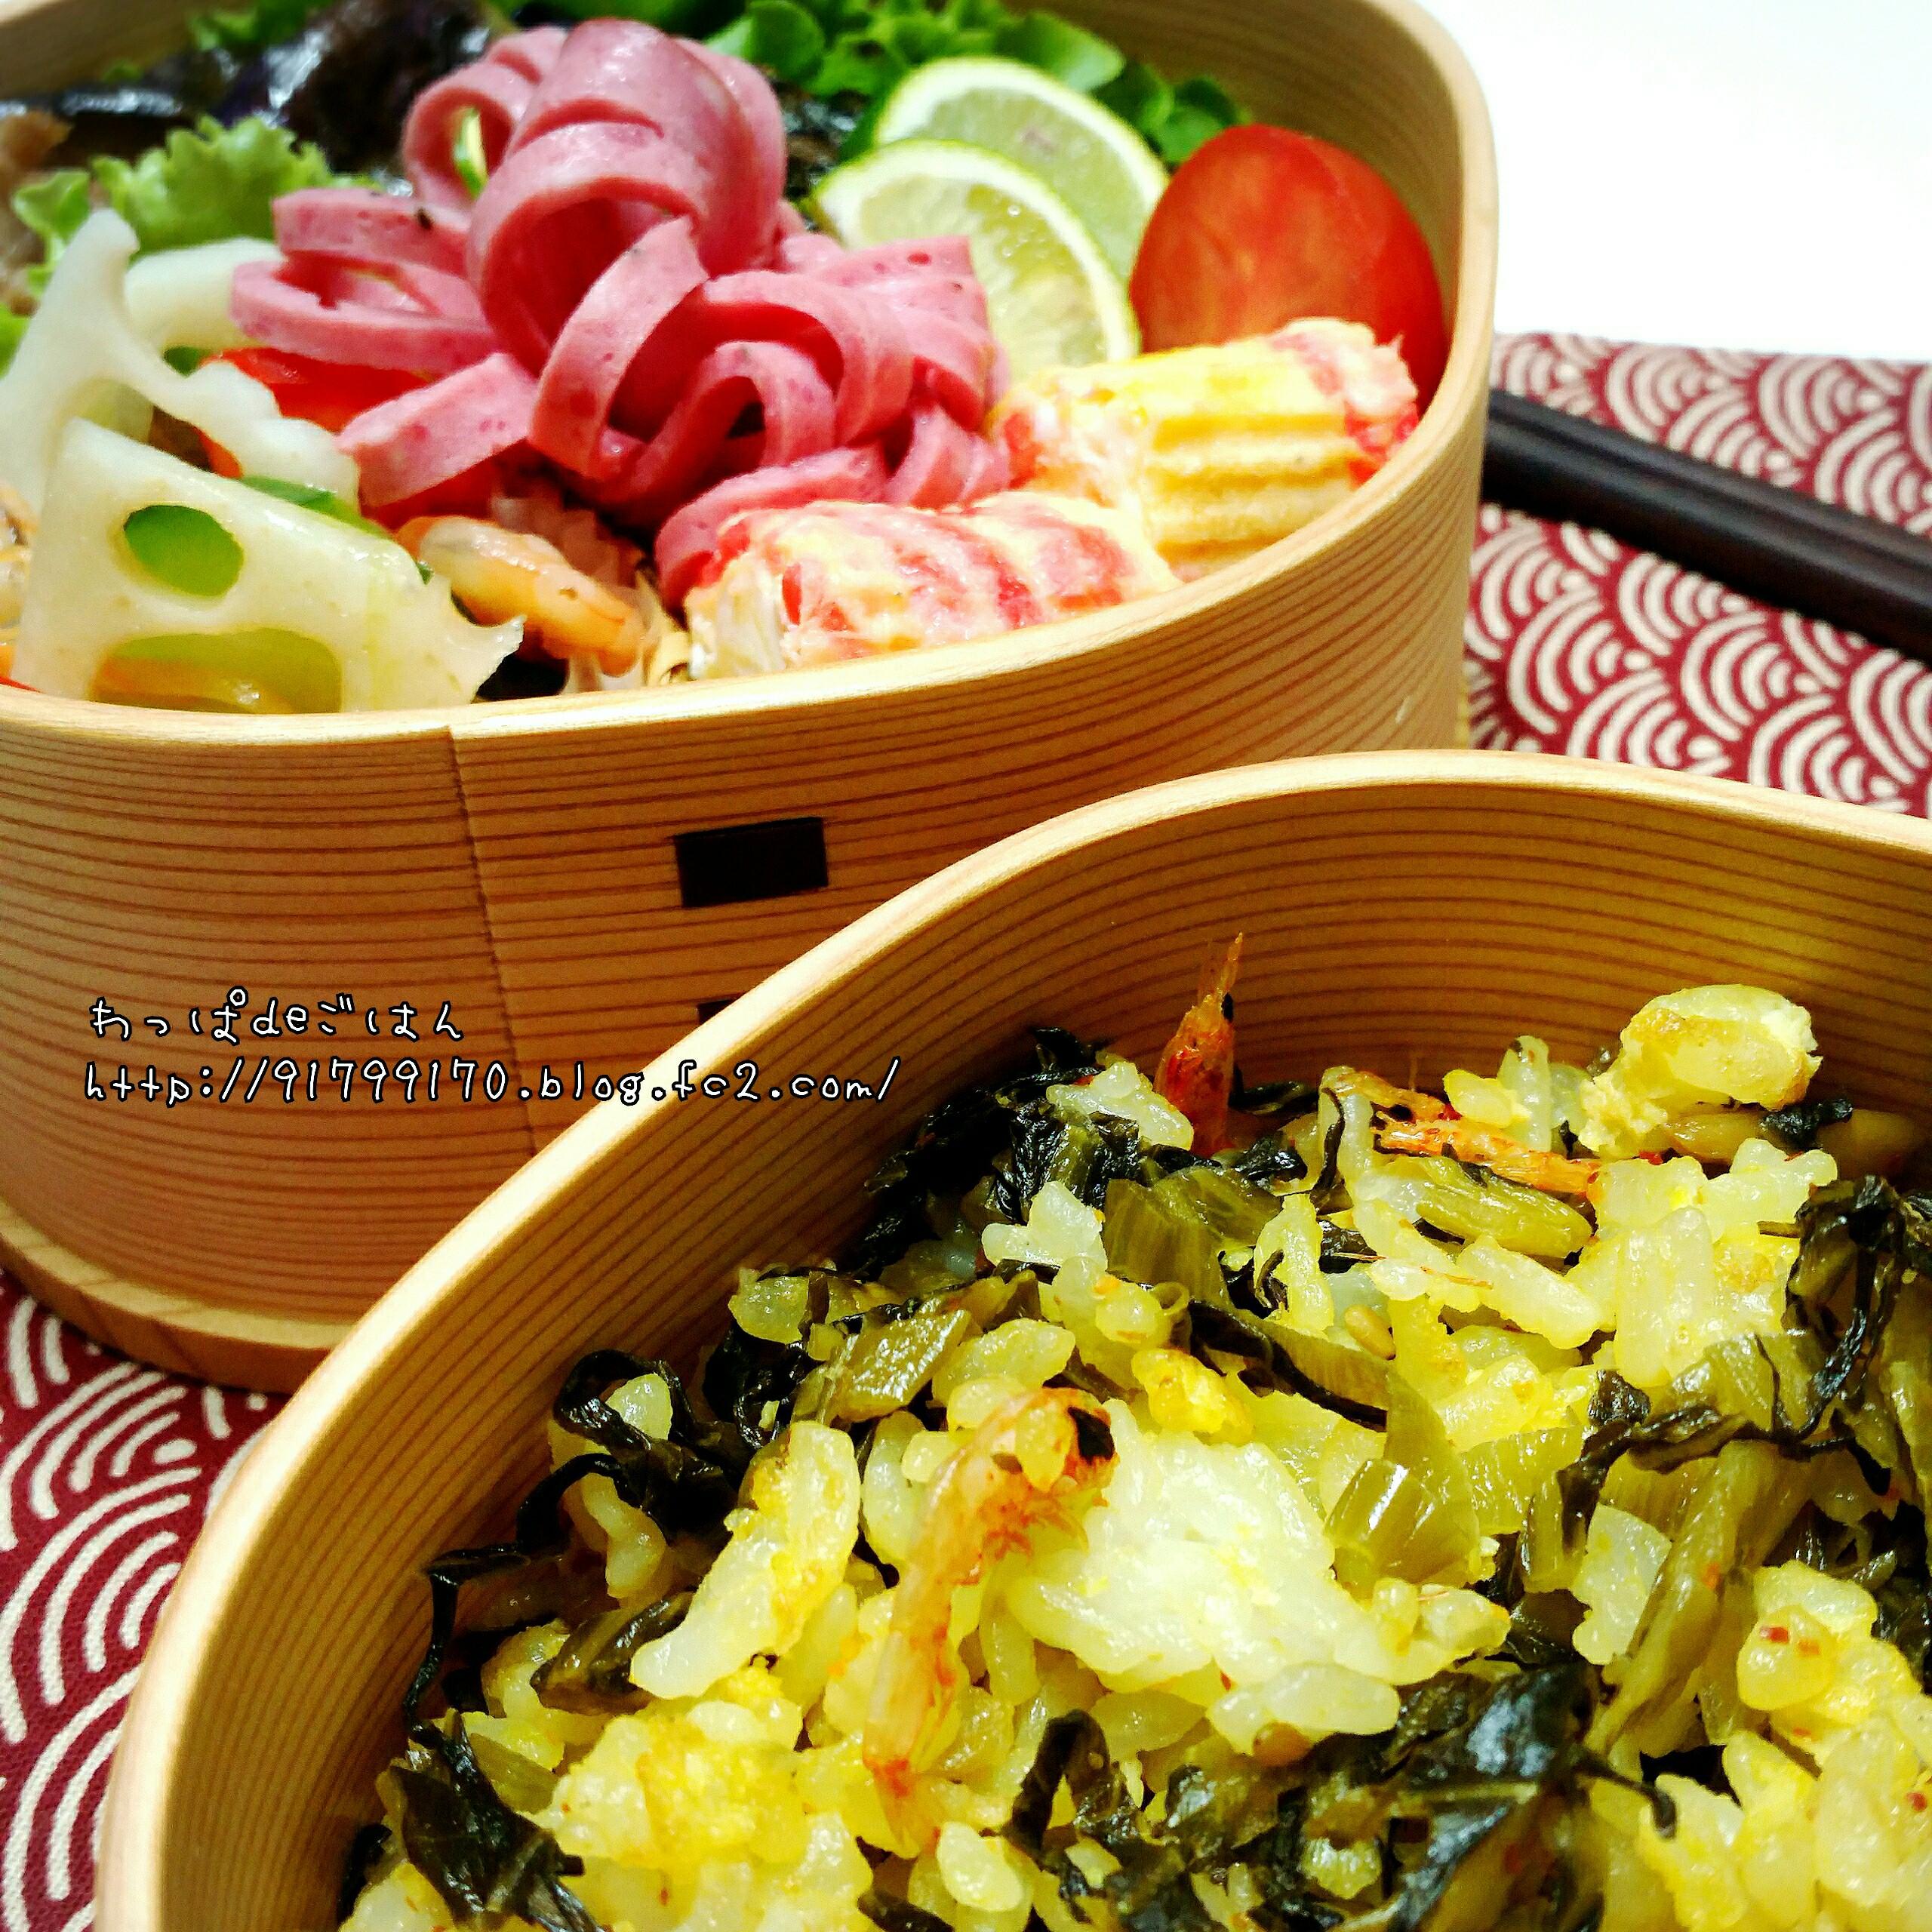 桜海老の高菜ご飯弁当